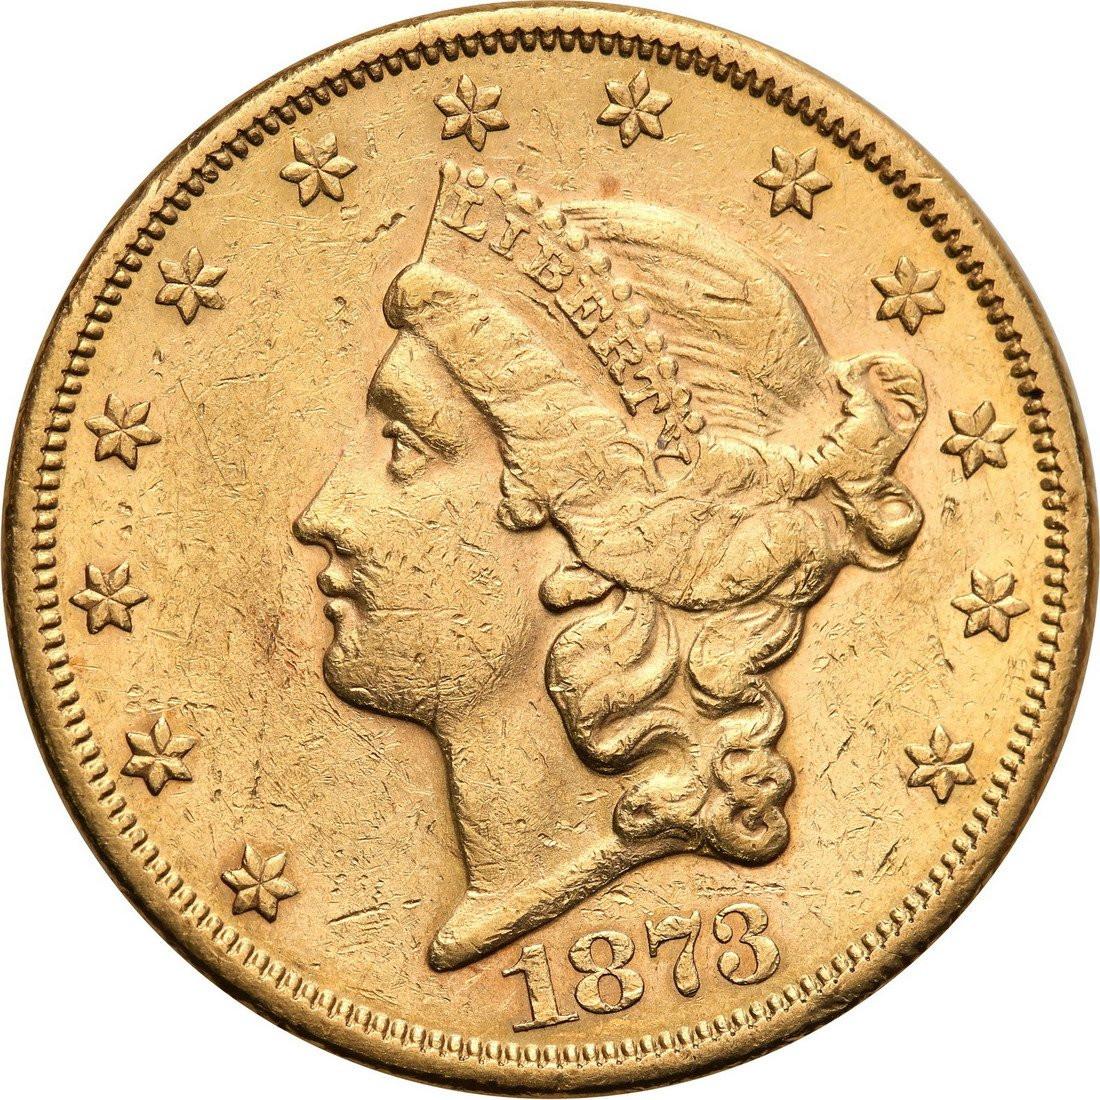 USA 20 dolarów 1873 San Francisco TWENTY D otwarta cyfra 3 st. 2-